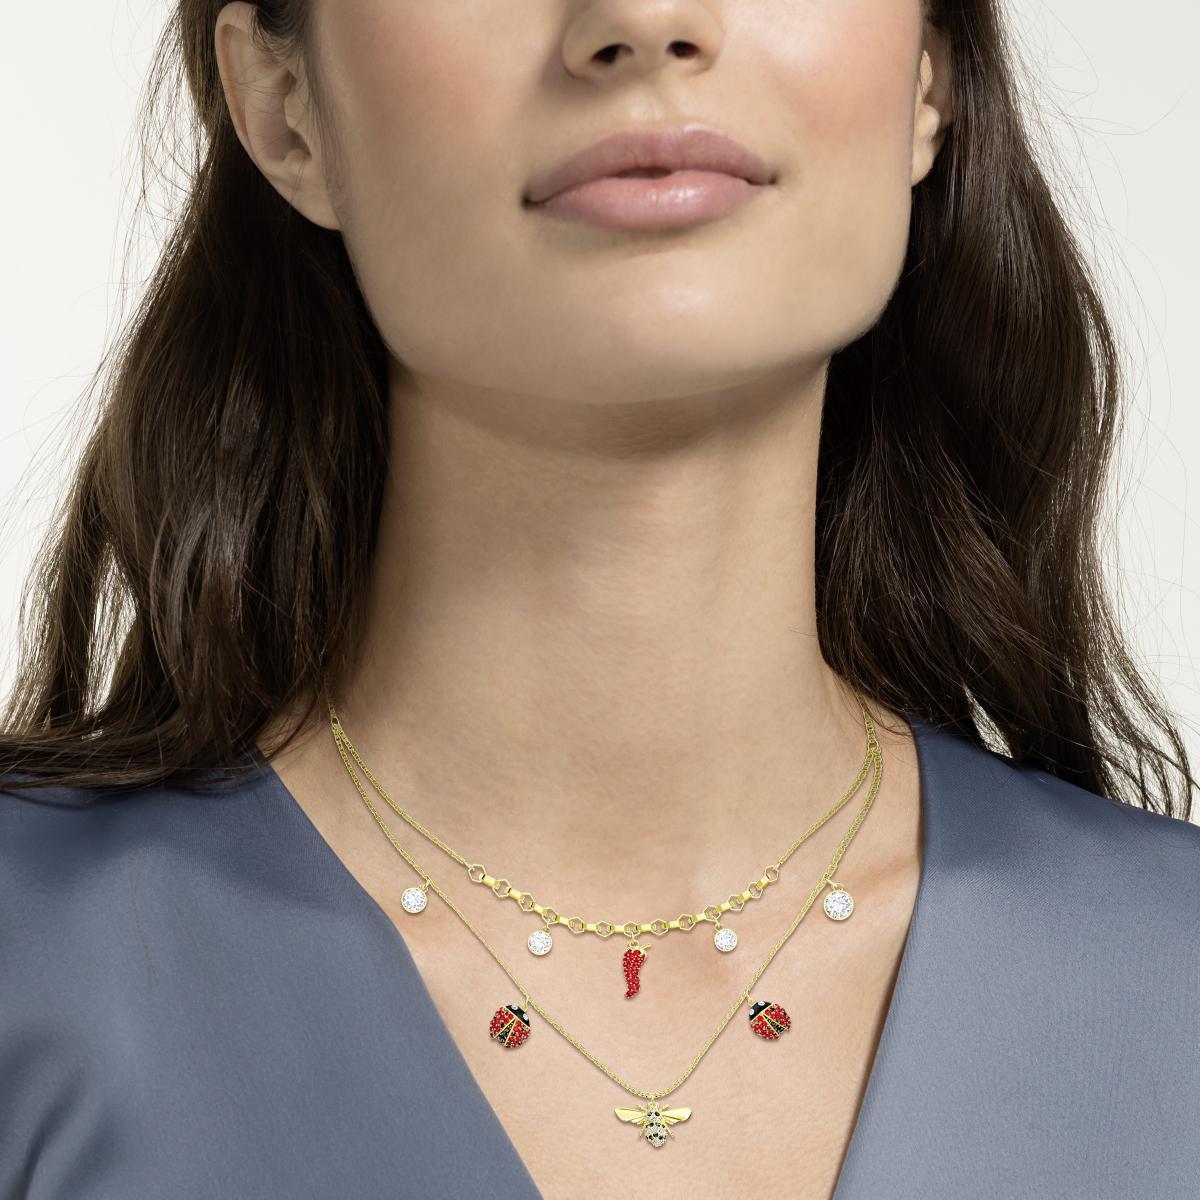 Collier et pendentif Swarovski 5498807 - Doré Double Chaîne Abeille  Coccinelle Féeriques Cristaux Swarovski Sertis Femme